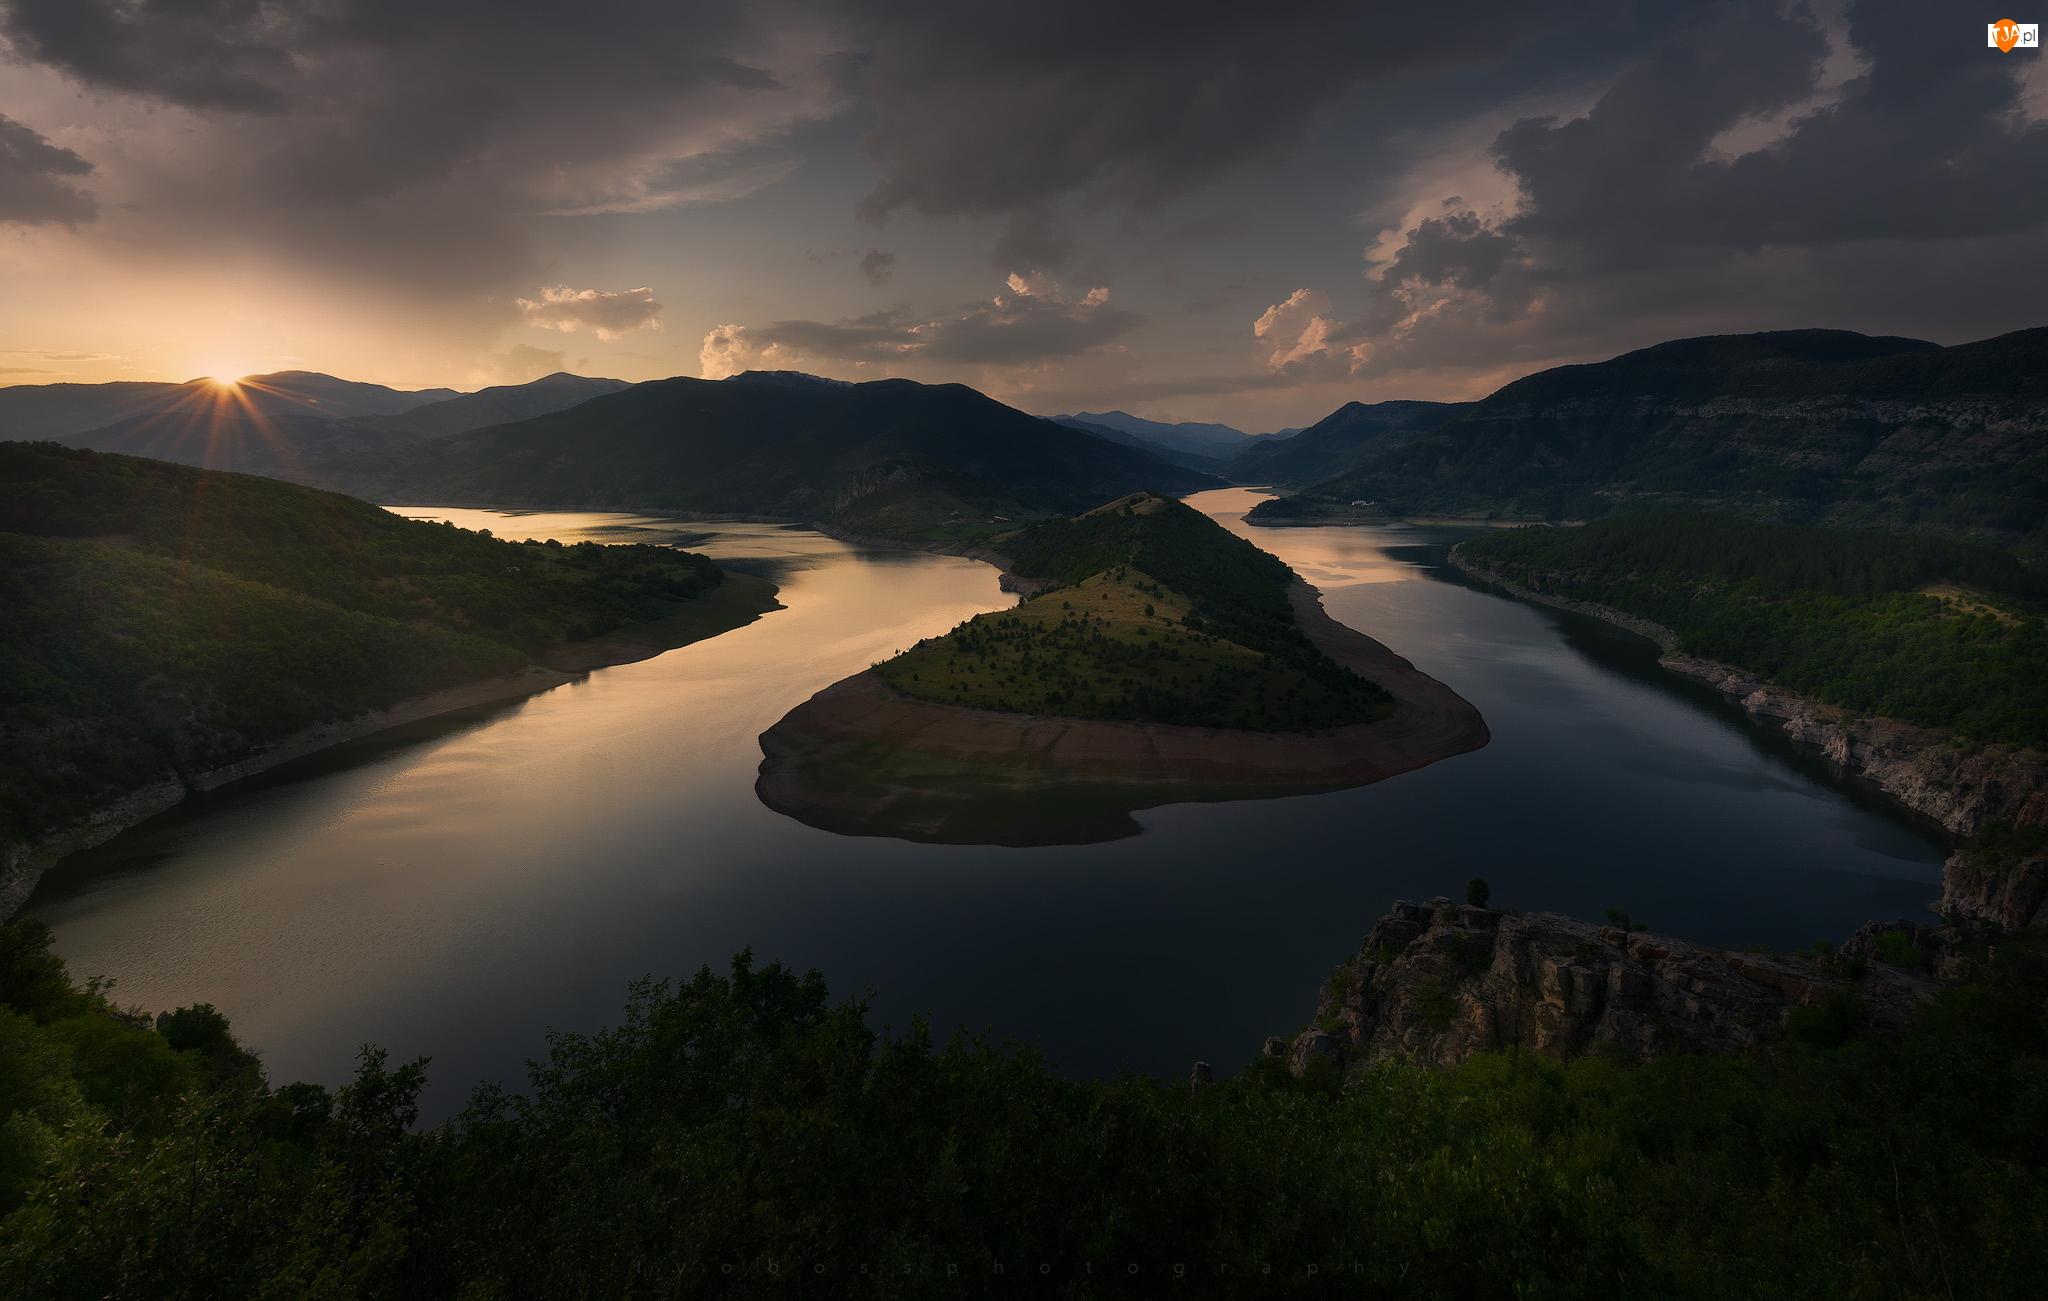 Bułgaria, Rzeka Arda, Meander, Zachód słońca, Zakole, Góry Rodopy